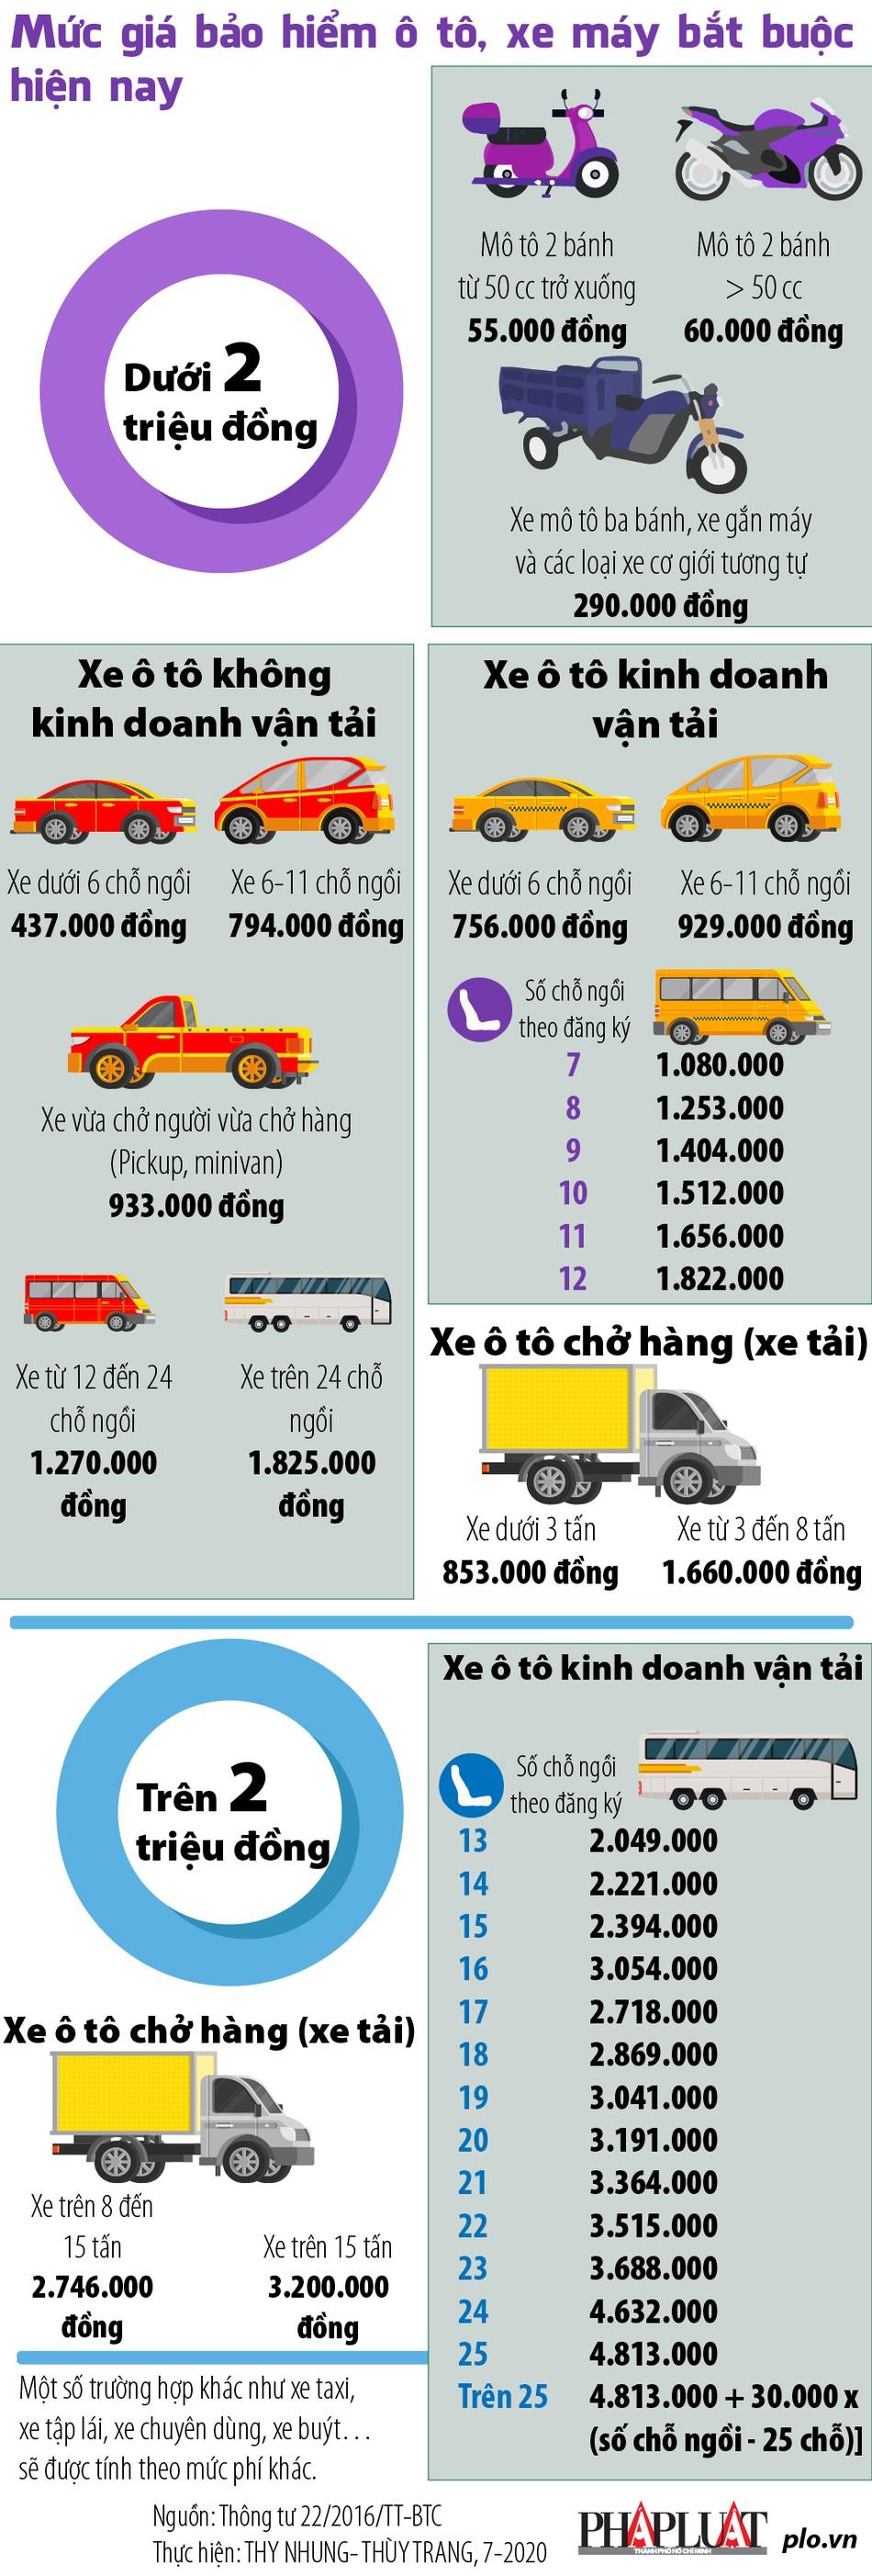 Mức giá bảo hiểm ô tô, xe máy bắt buộc hiện nay - 1